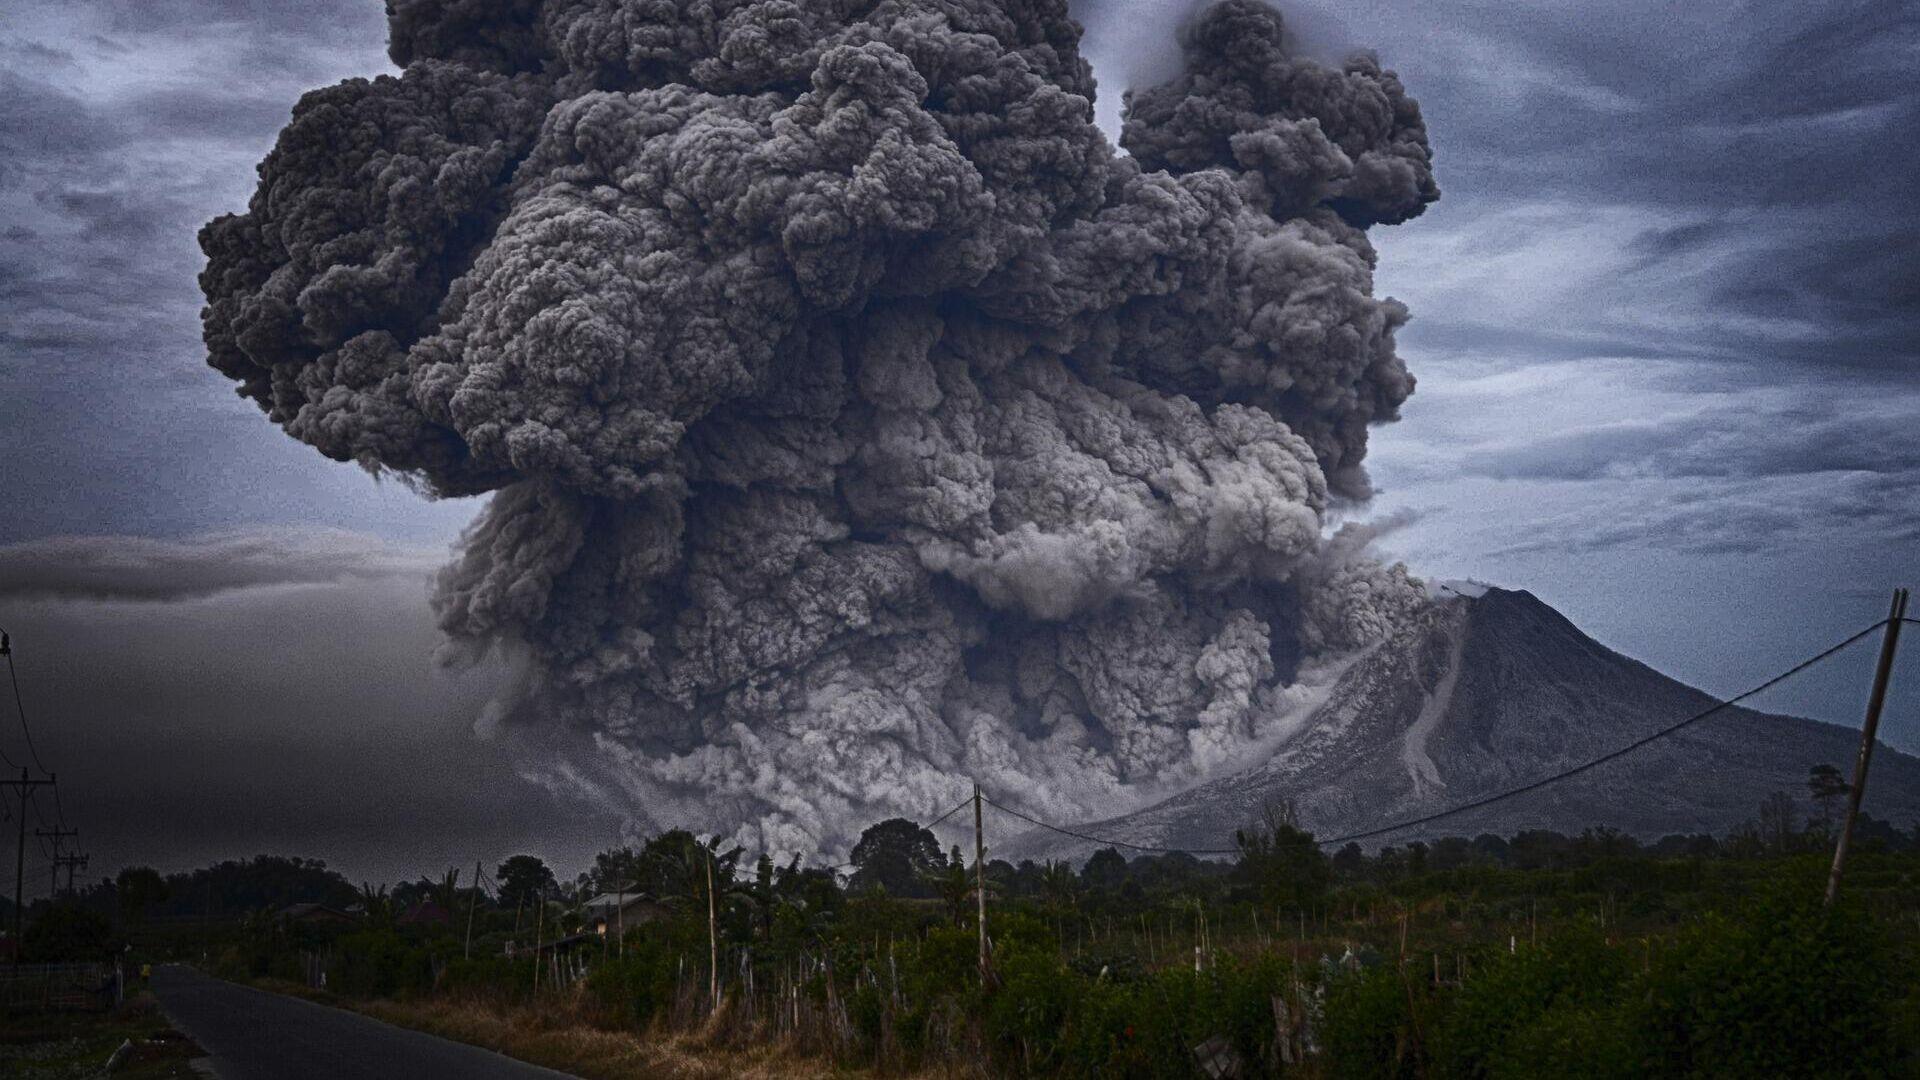 Vulkan (Symbolbild) - SNA, 1920, 13.10.2021